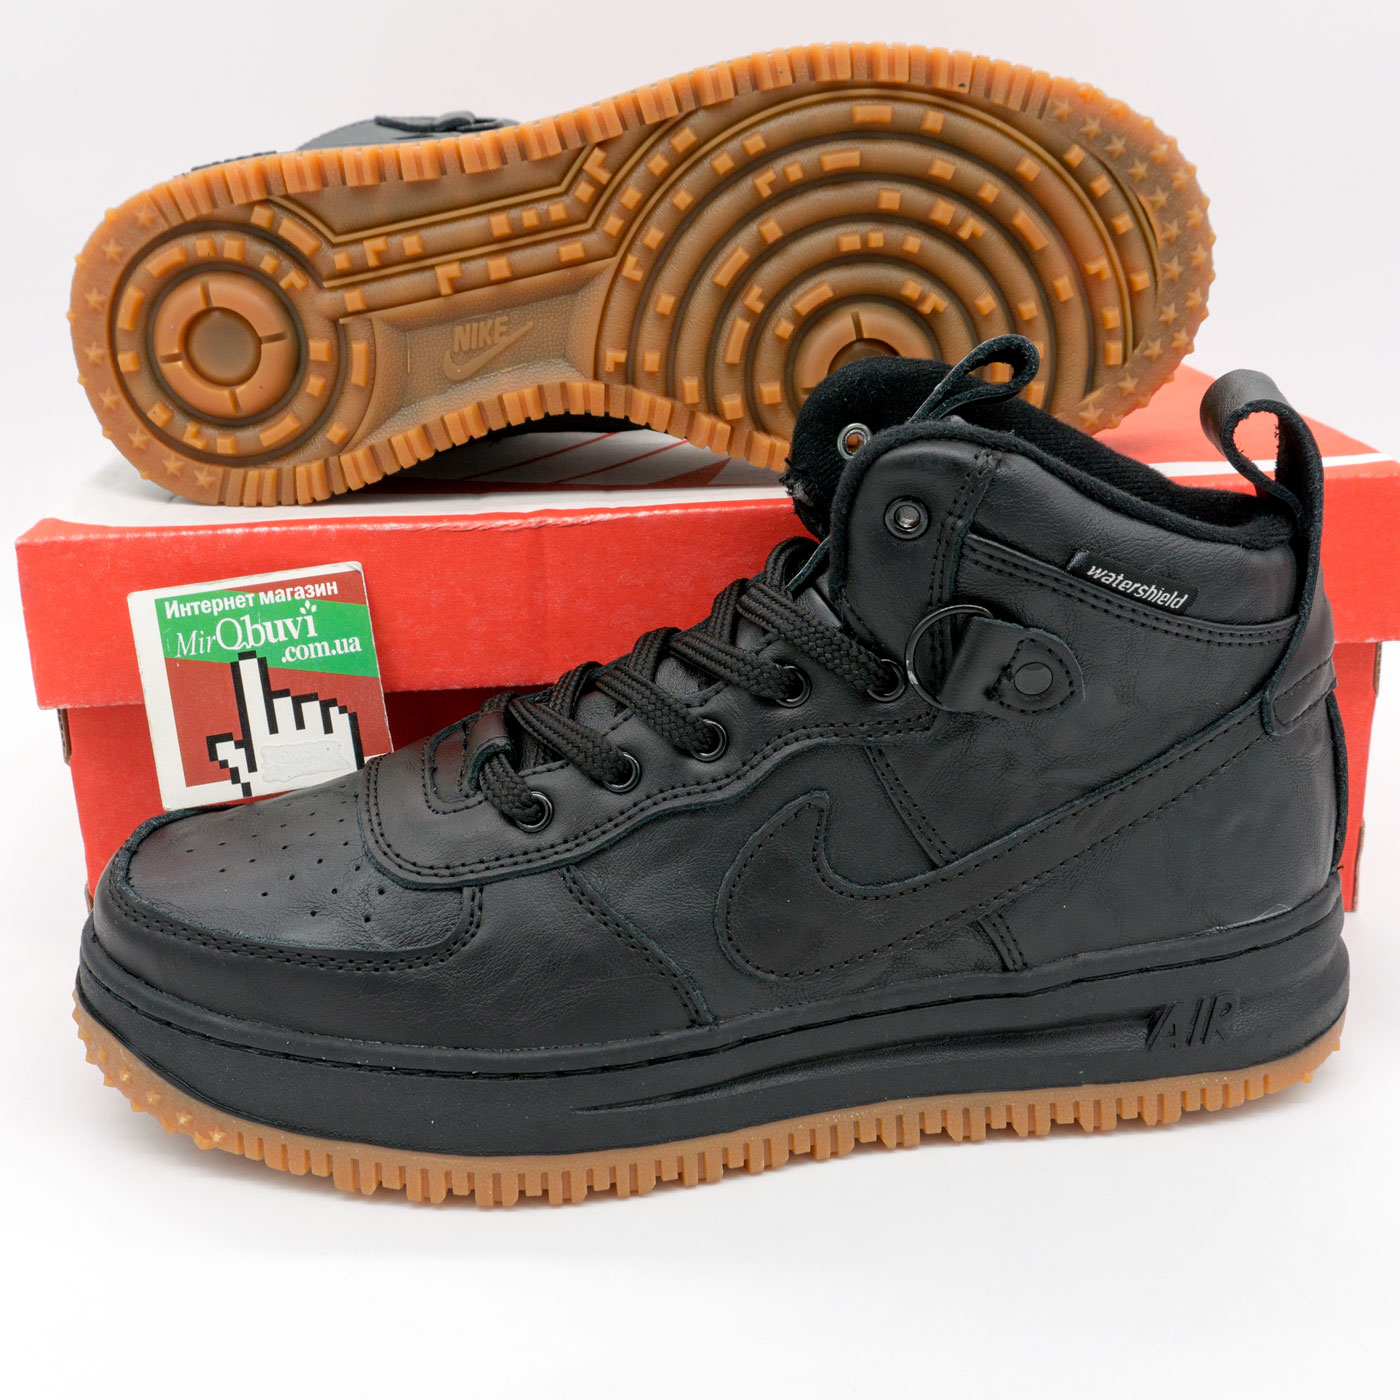 фото bottom Высокие кроссовки Nike Lunar Force 1 черные AIR FORCE bottom